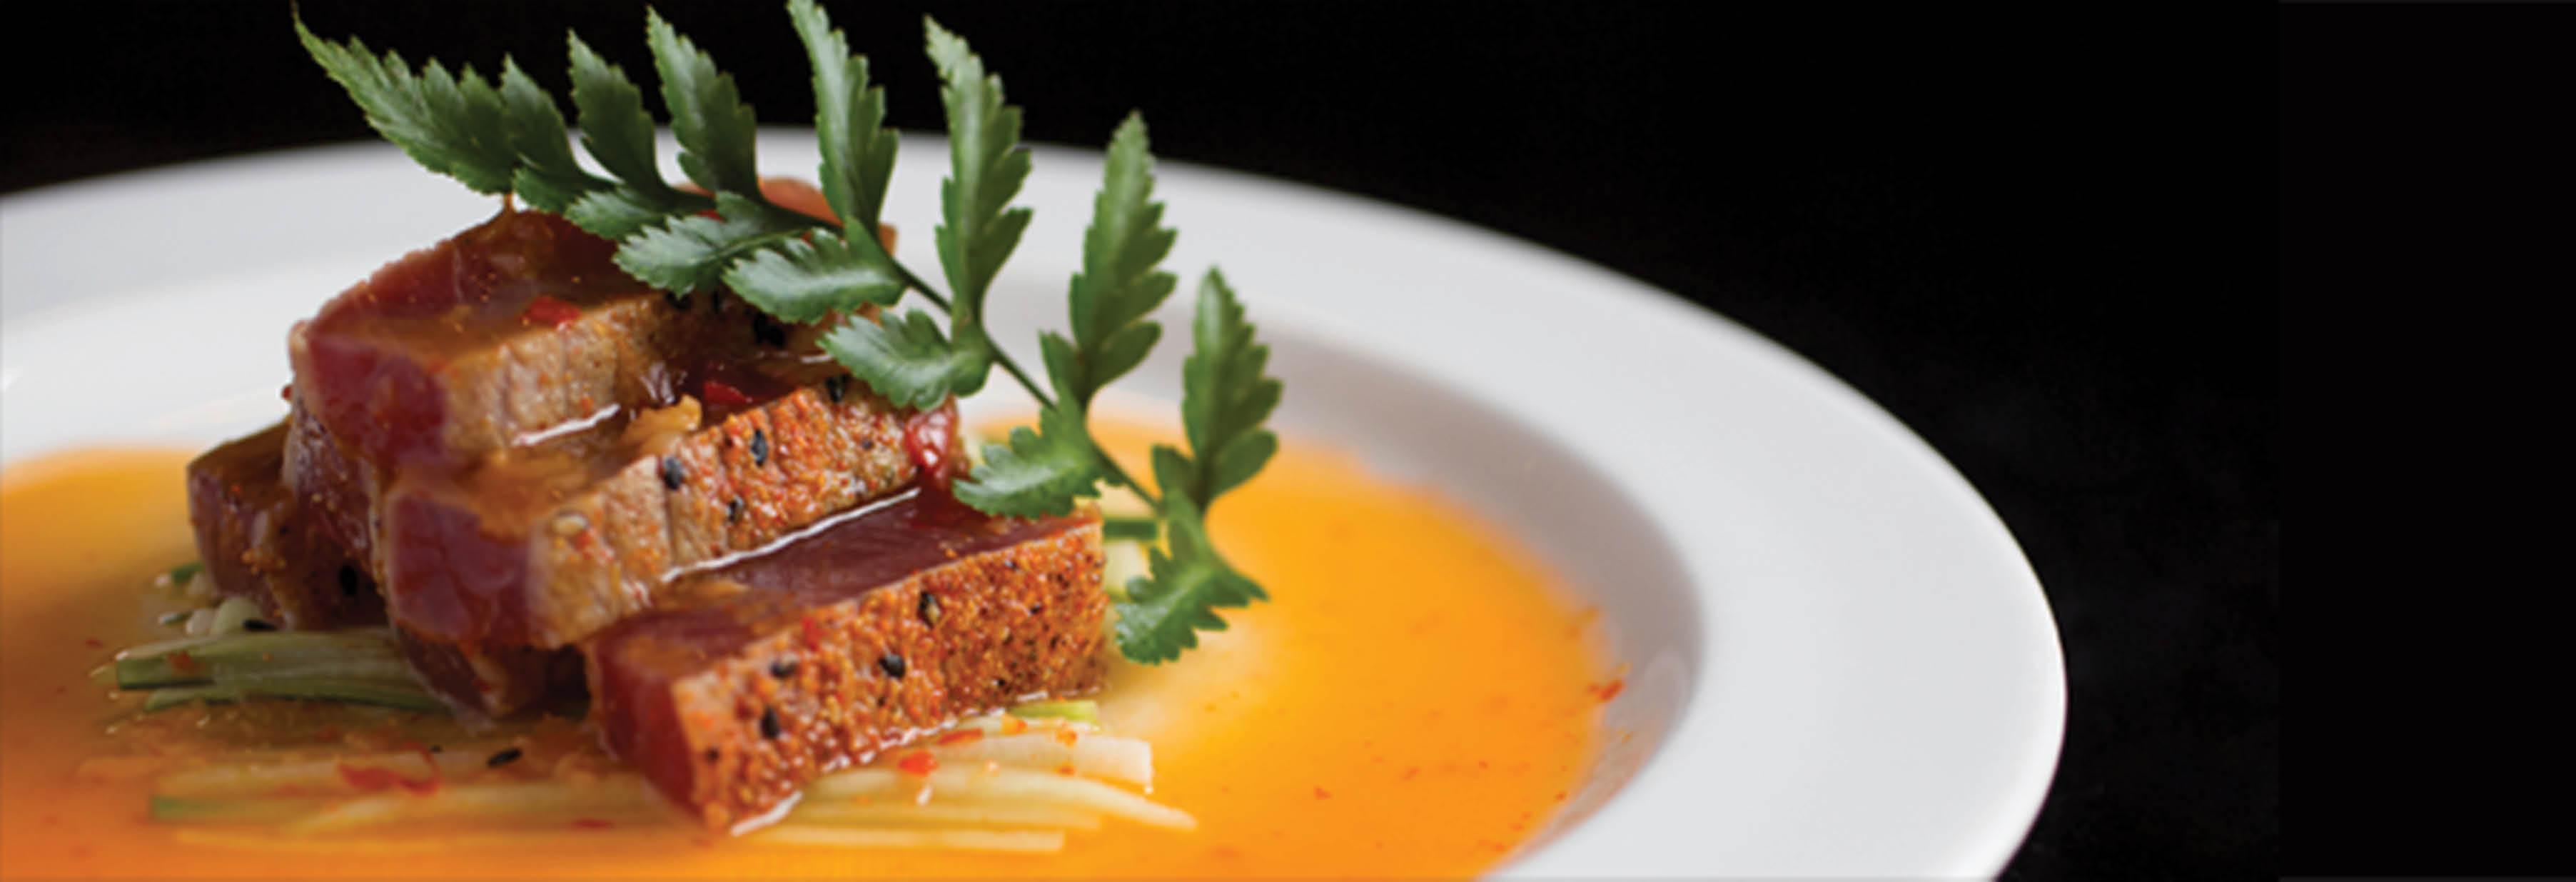 China Gourmet & Sushi & Lounge.  Framingham, MA.  Asian, Sushi, Japanese, Chinese, Brazilian.